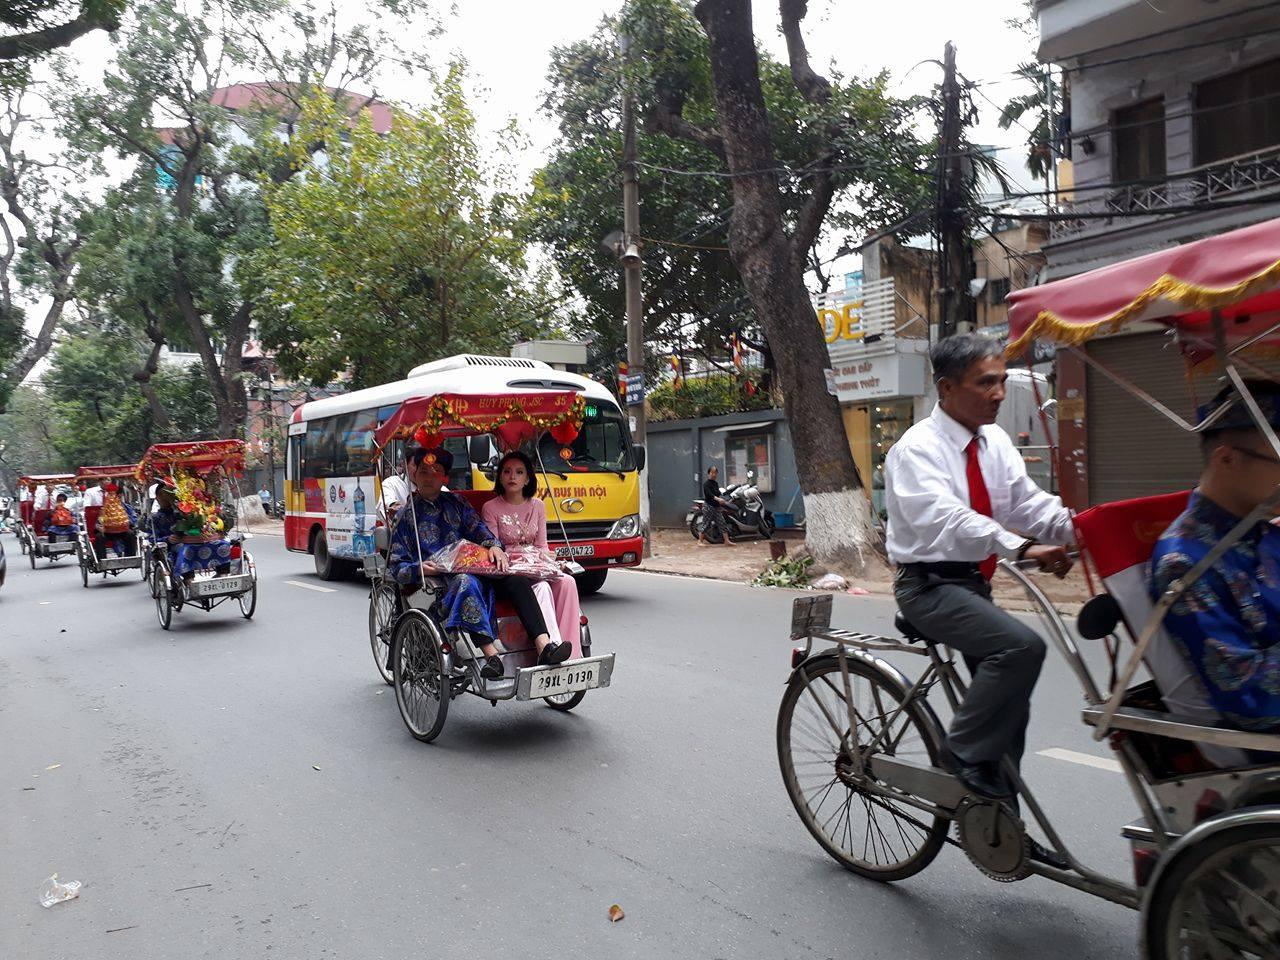 велорикша – культурно-туристическая красота ханоя  hinh 3